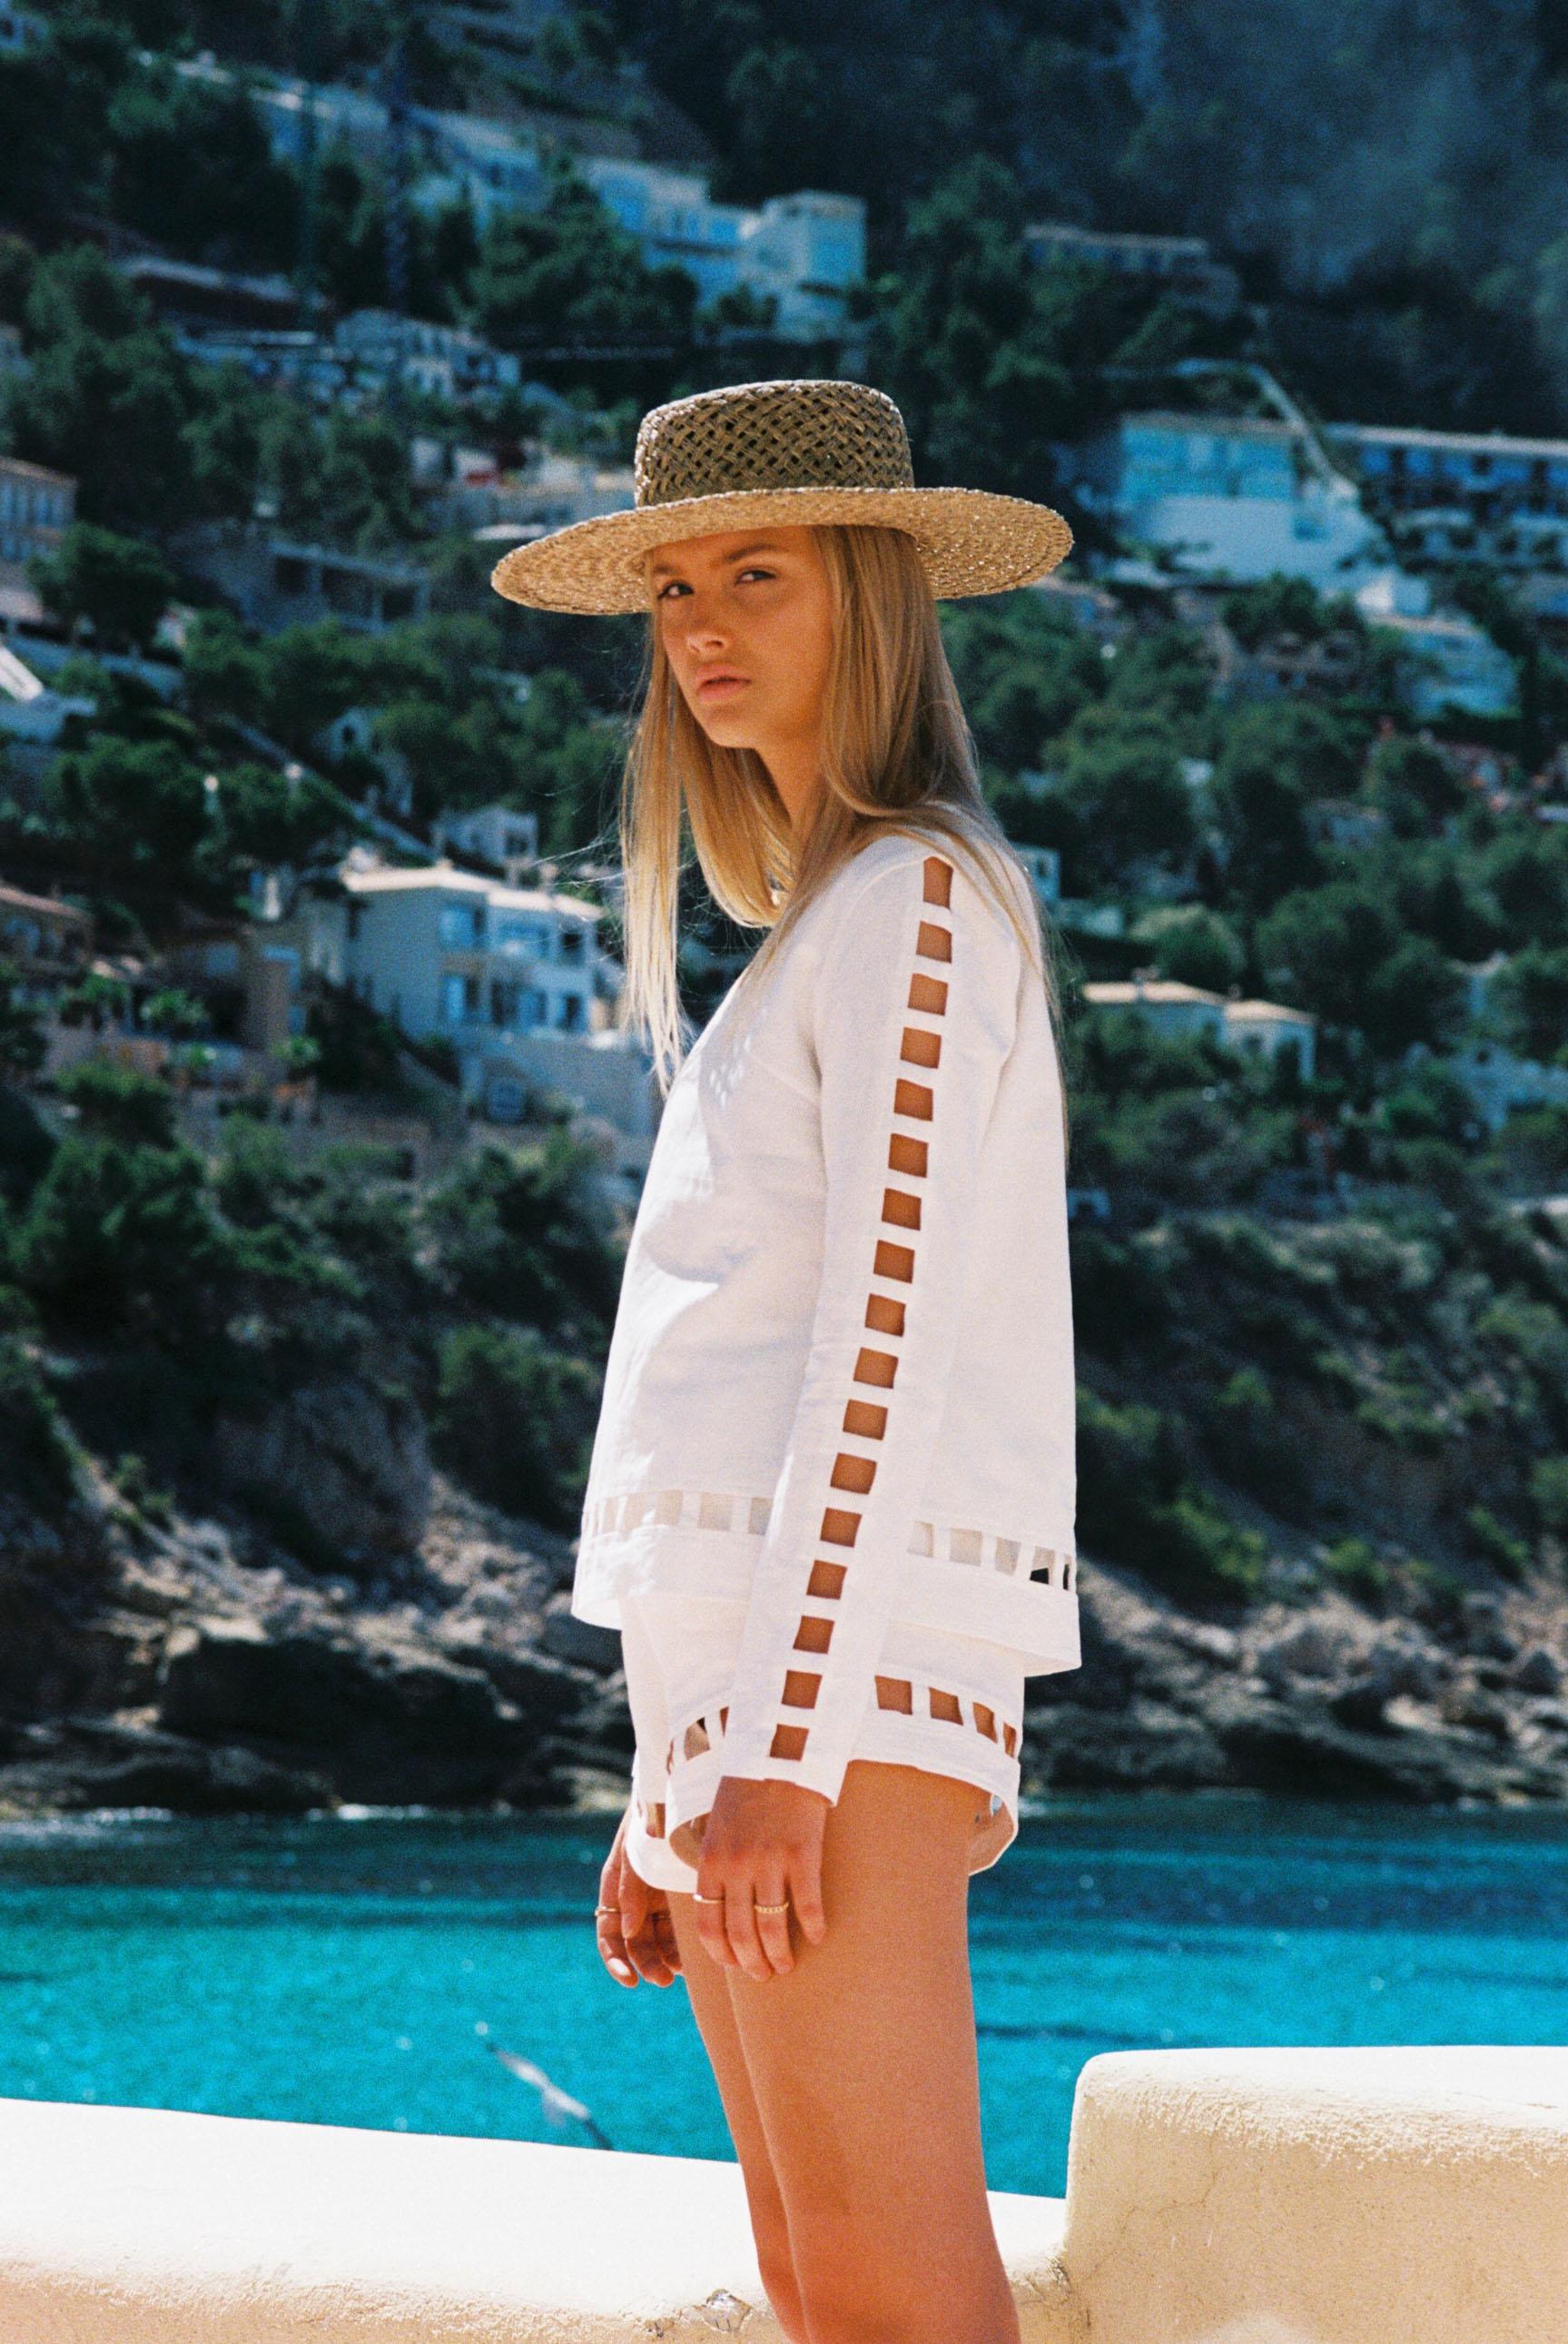 Бритни ван дер Стин в пляжной одежде модного бренда Rada Bryant, весна-лето 2020 / фото 15